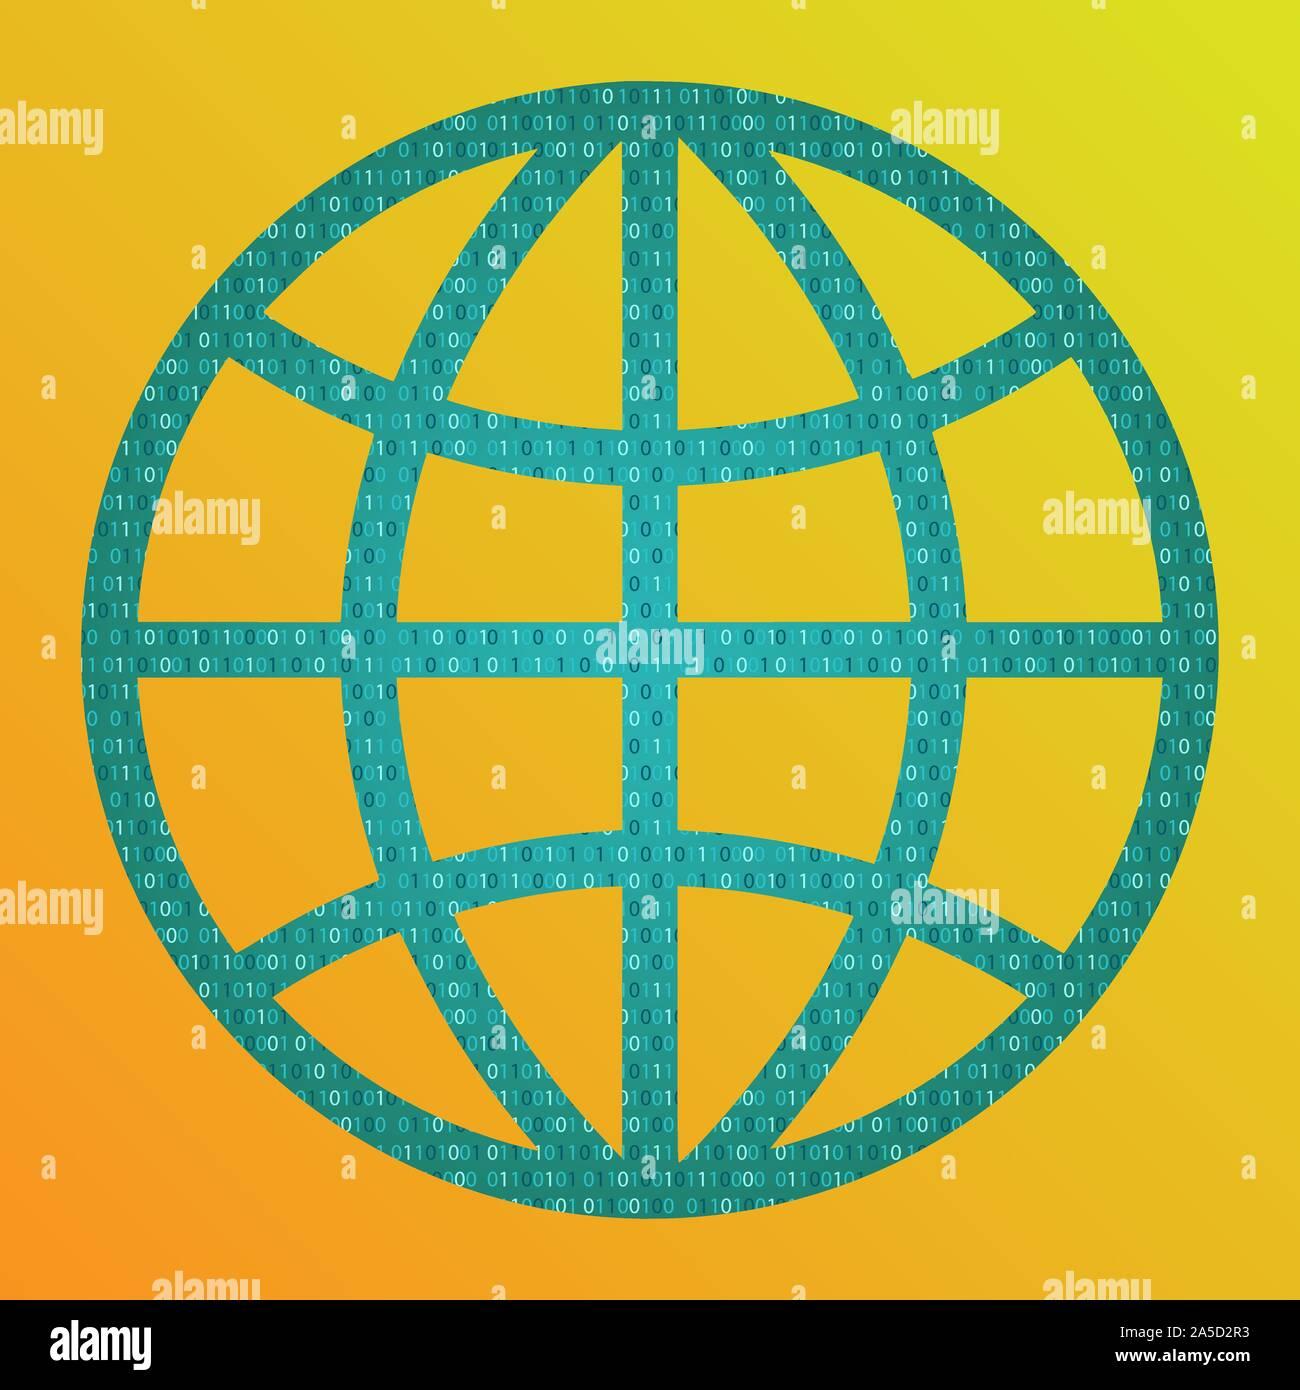 Concept de monde numérique. Globe avec code binaire. Vecteur. Illustration de Vecteur